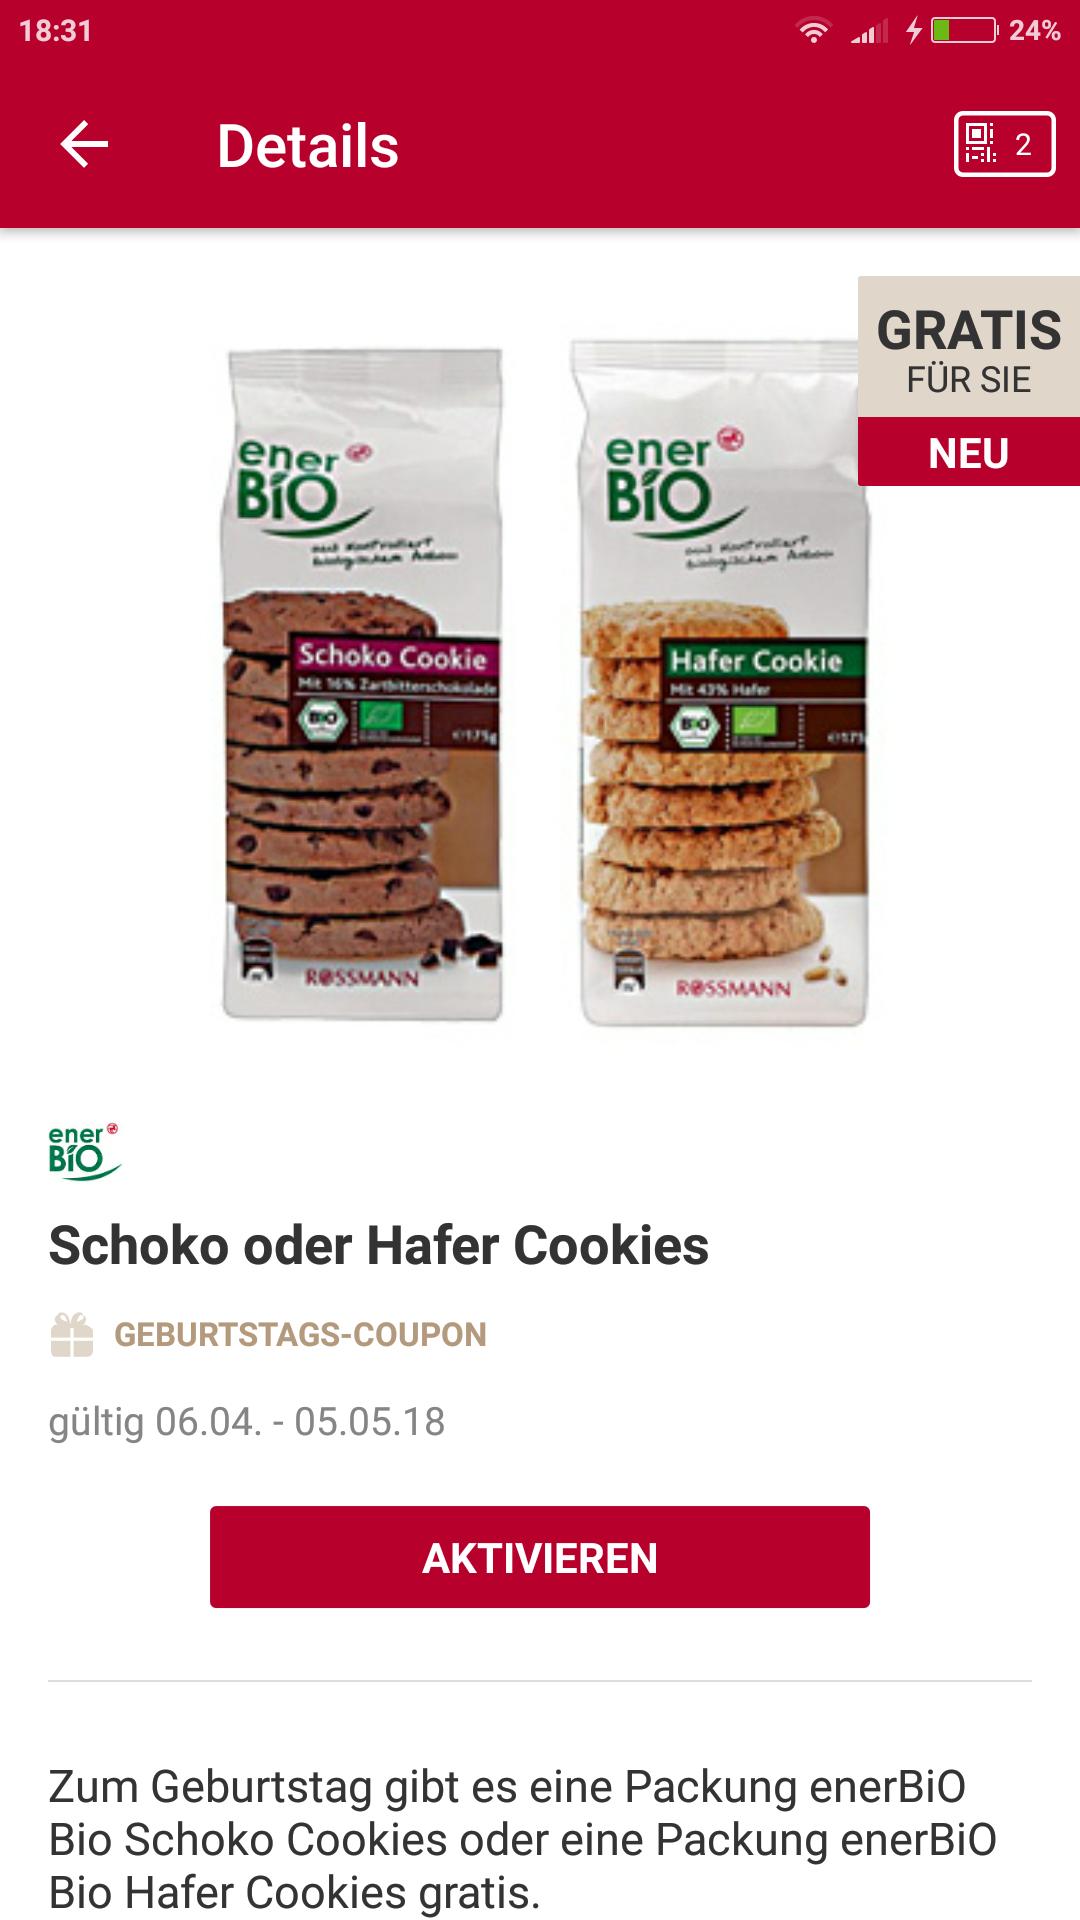 Gratis Schoko oder Hafer Cookies bei Rossmann für App-Neukunden